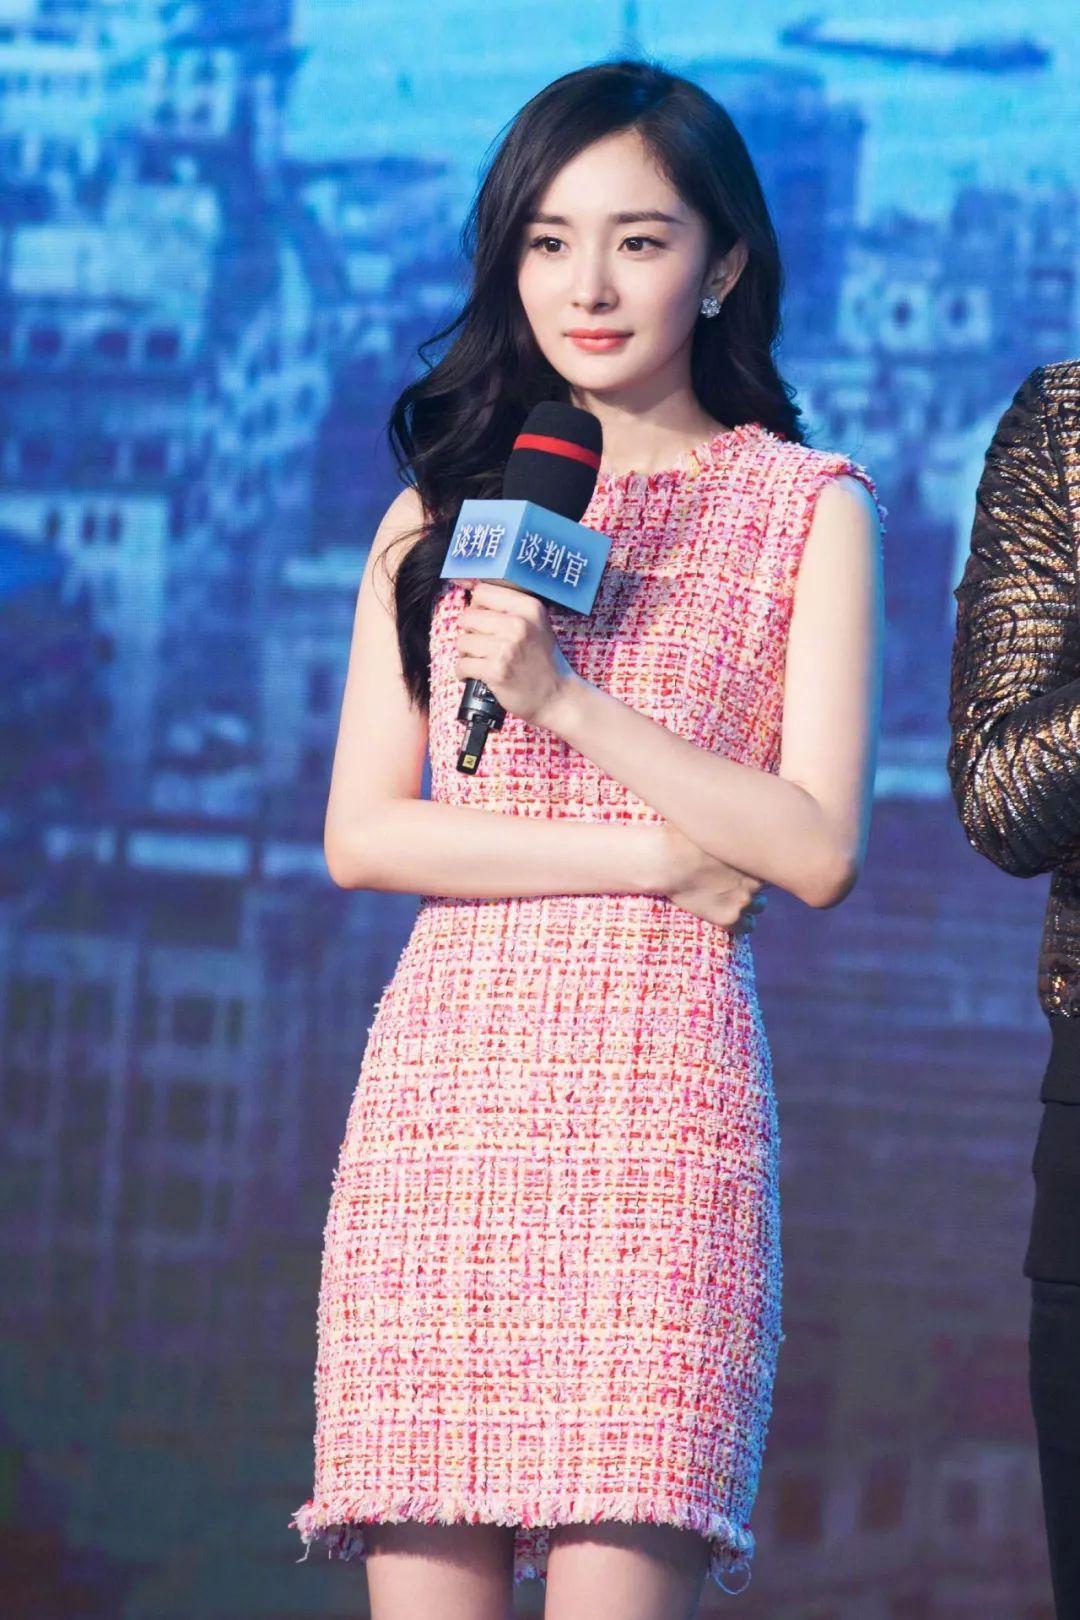 杨幂和黄子韬玩姐弟恋?为何他们相差7岁却毫无违和感!